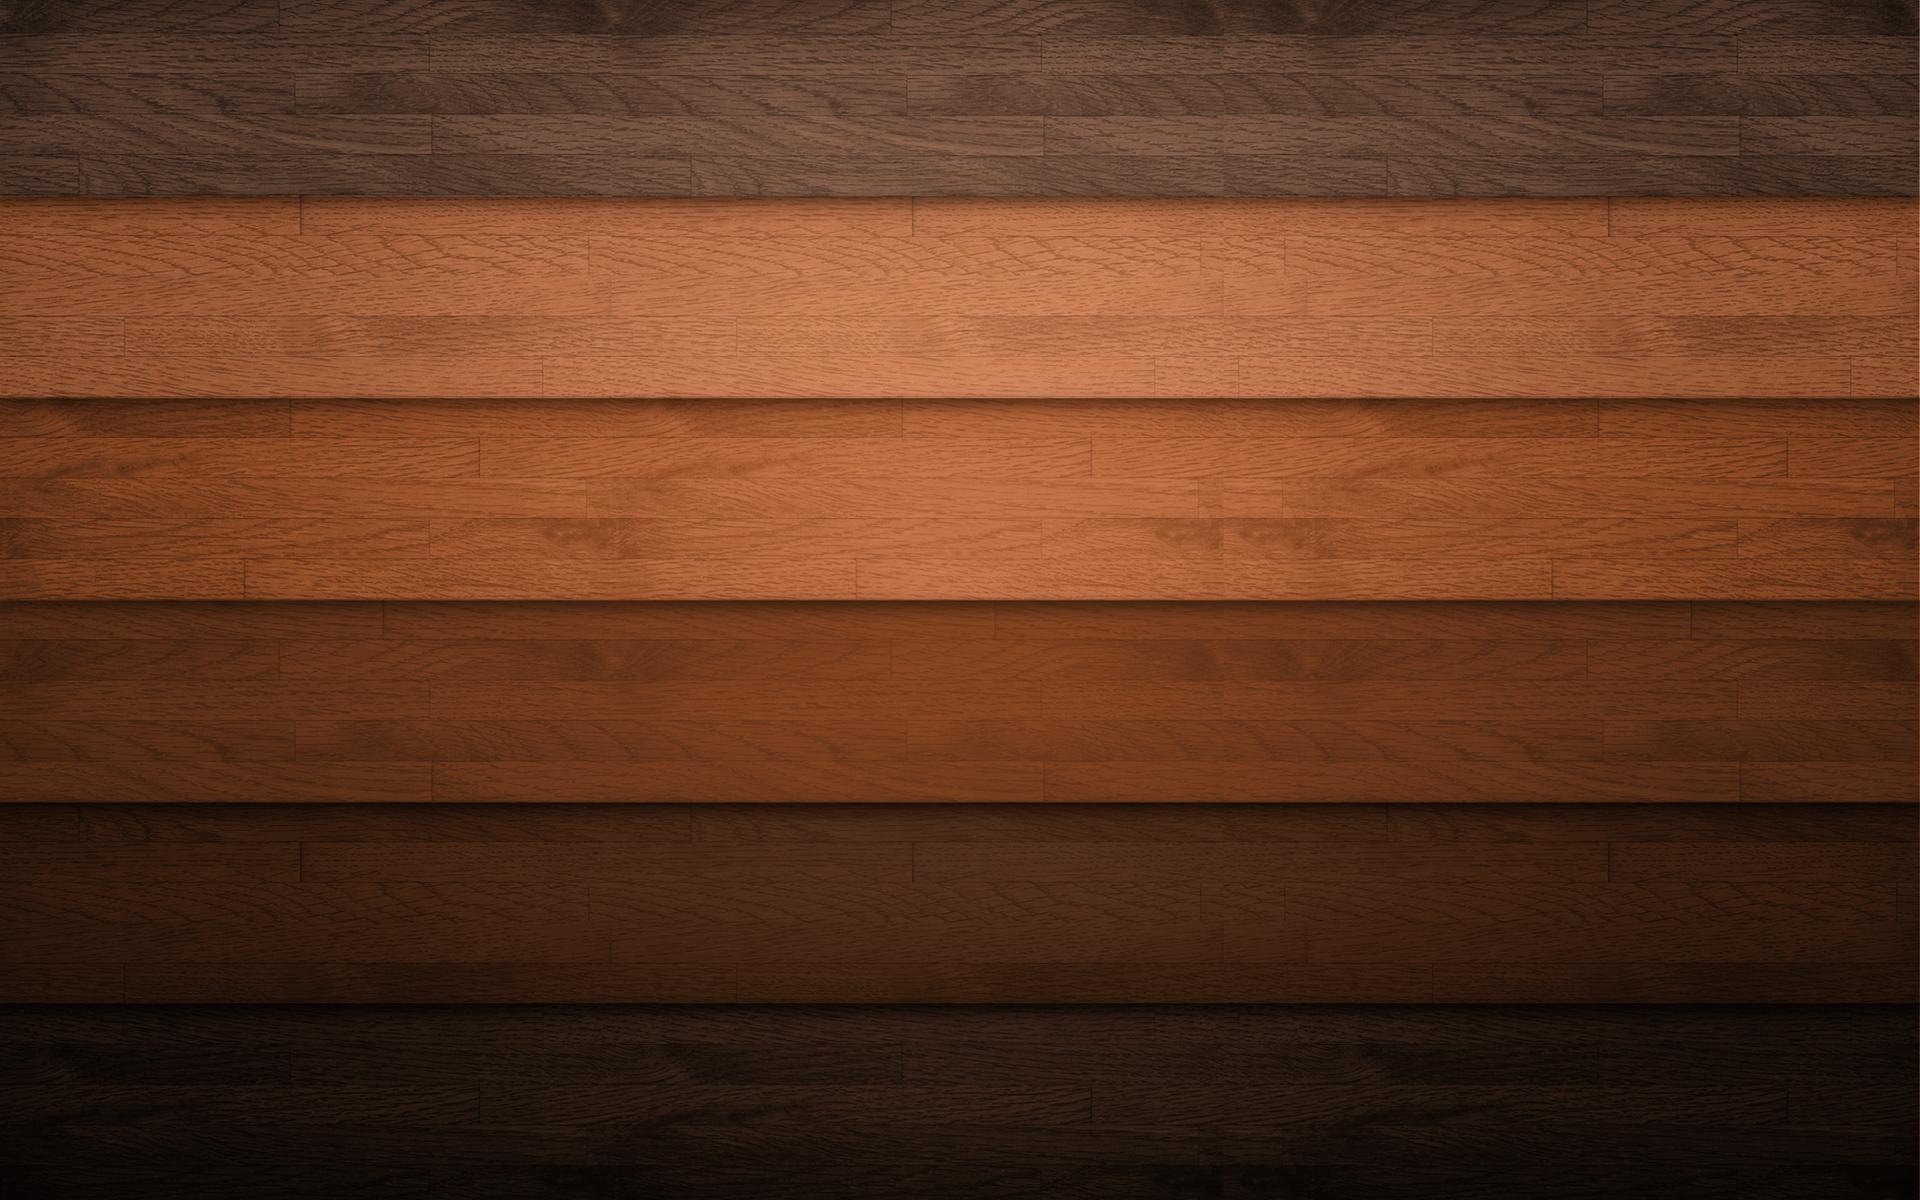 Wood Room Textures Classic Wallpaper 1920x1200 13905